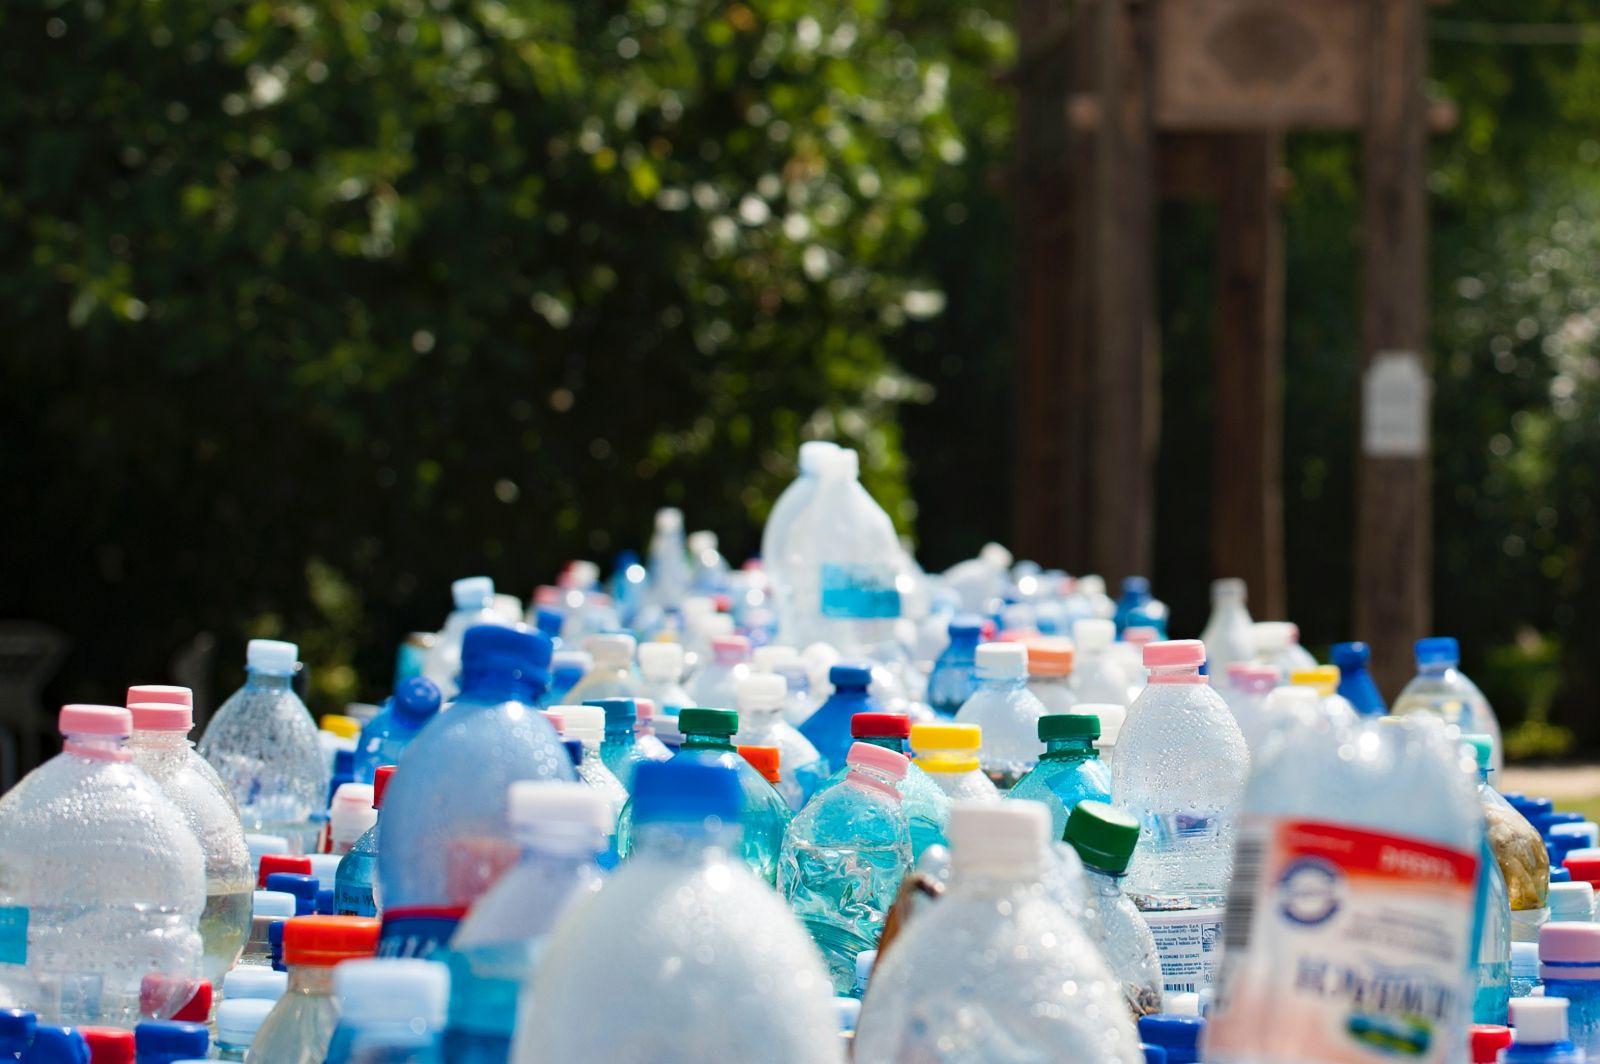 Zálohovanie plastových fliaš sa posunie minimálne o rok, poslanci odsúhlasili návrh ministerstva